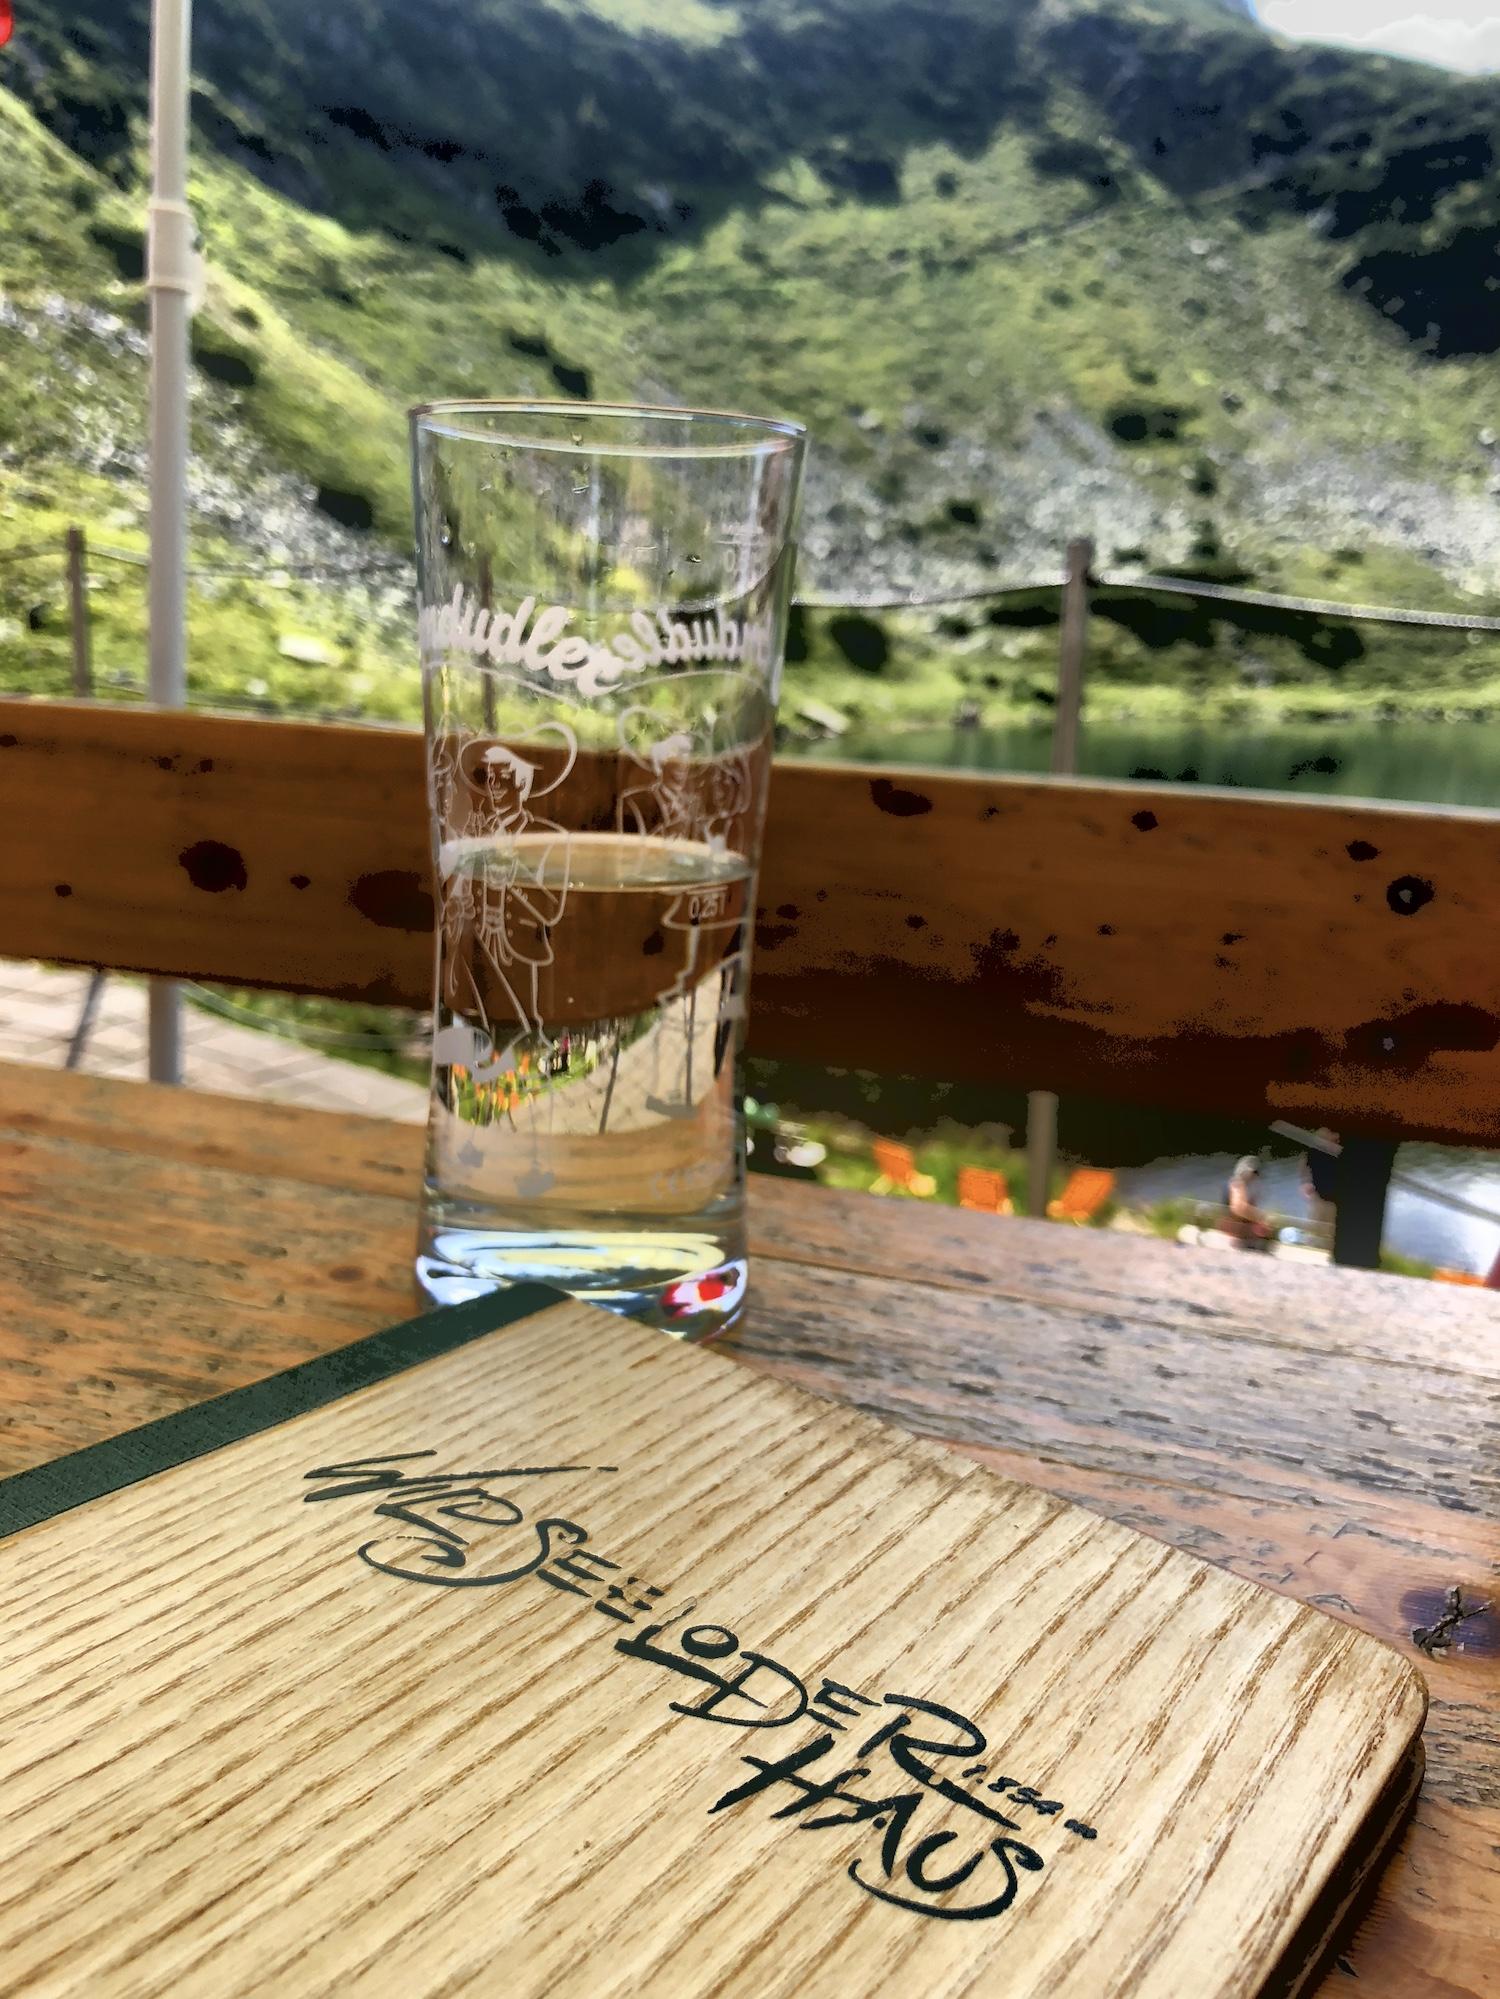 Glas mit Getränk auf einem Holztisch, im Hintergrund der Wildseeloderhaussee